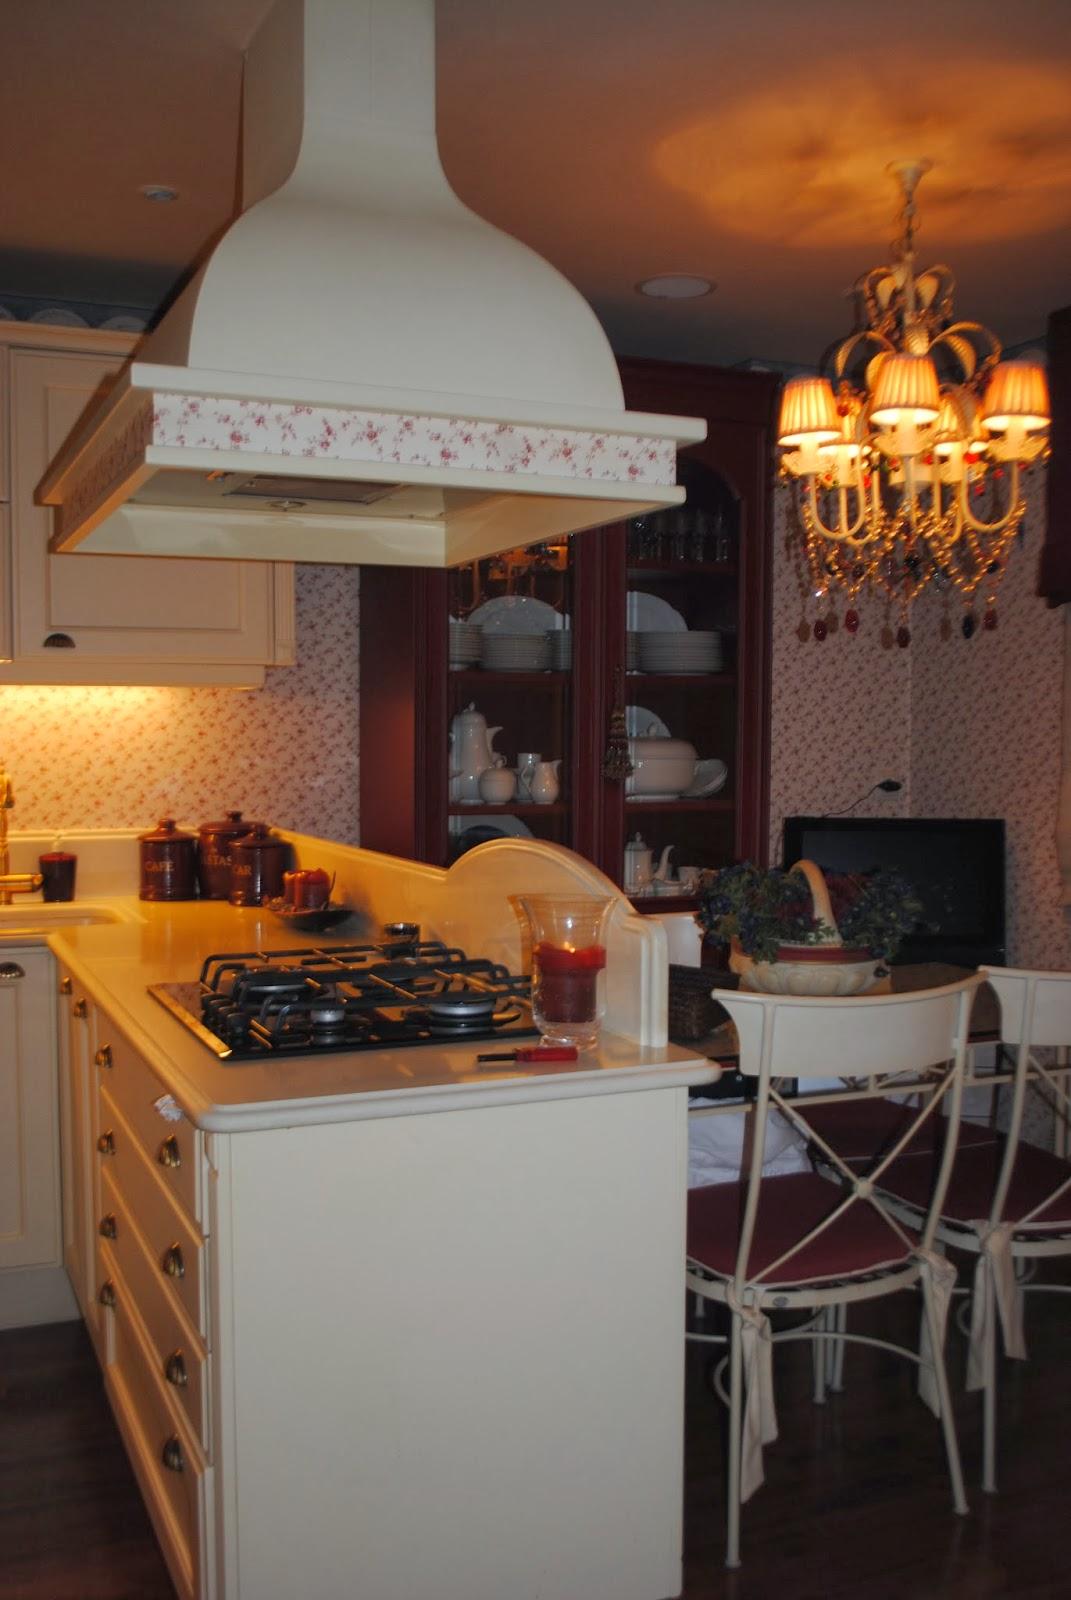 Studio brotons design cocina - Remates encimeras cocinas ...